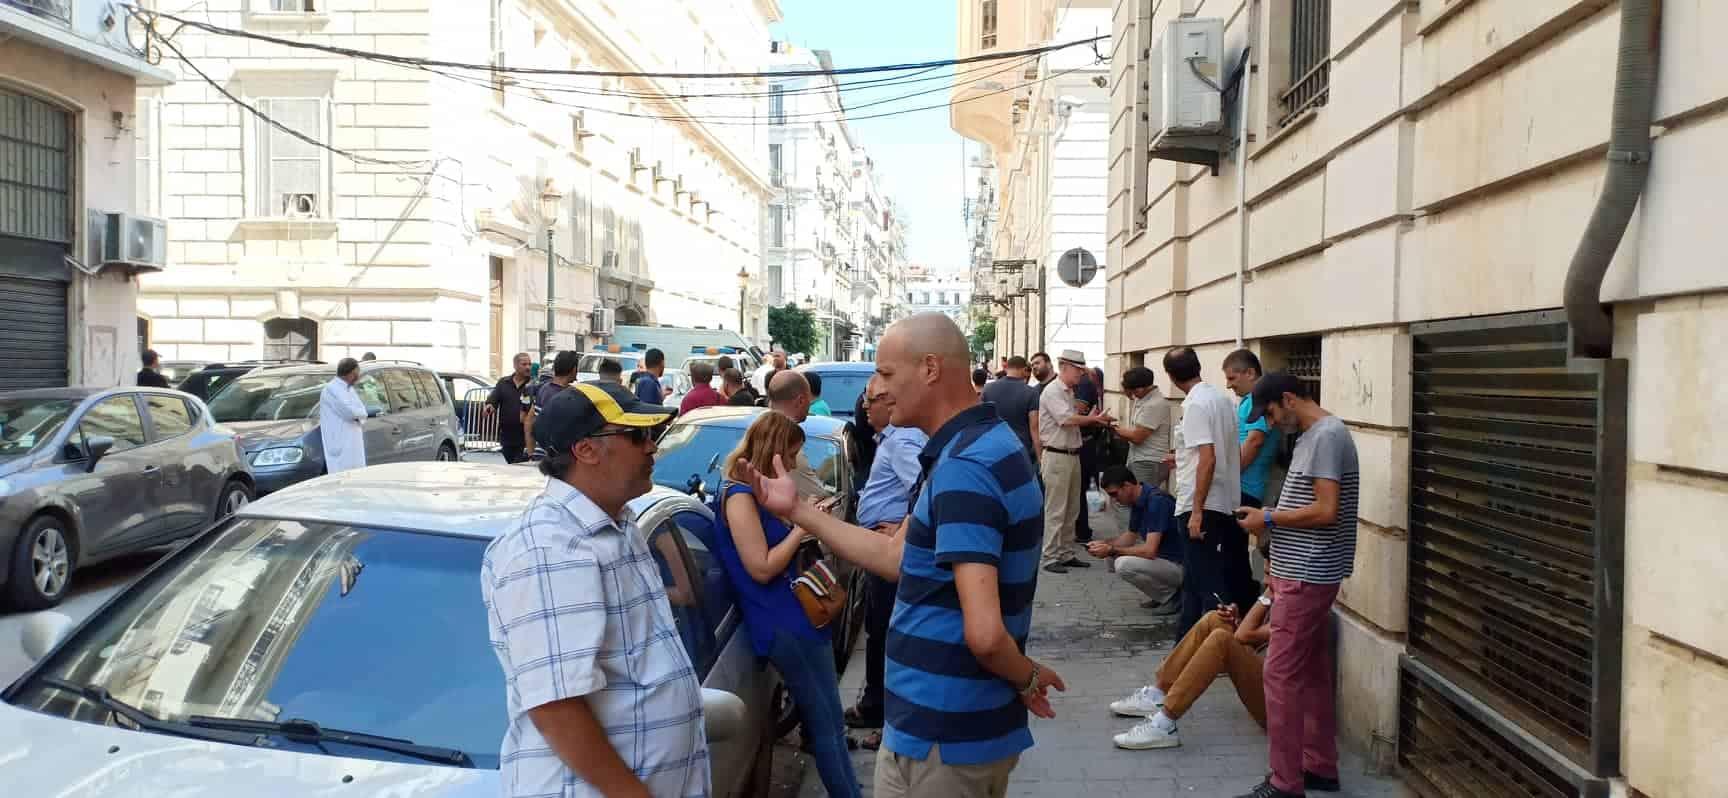 Rassemblement en Soutien à Sabrina Malek devant le Tribunal Sidi M'hammed à Alger